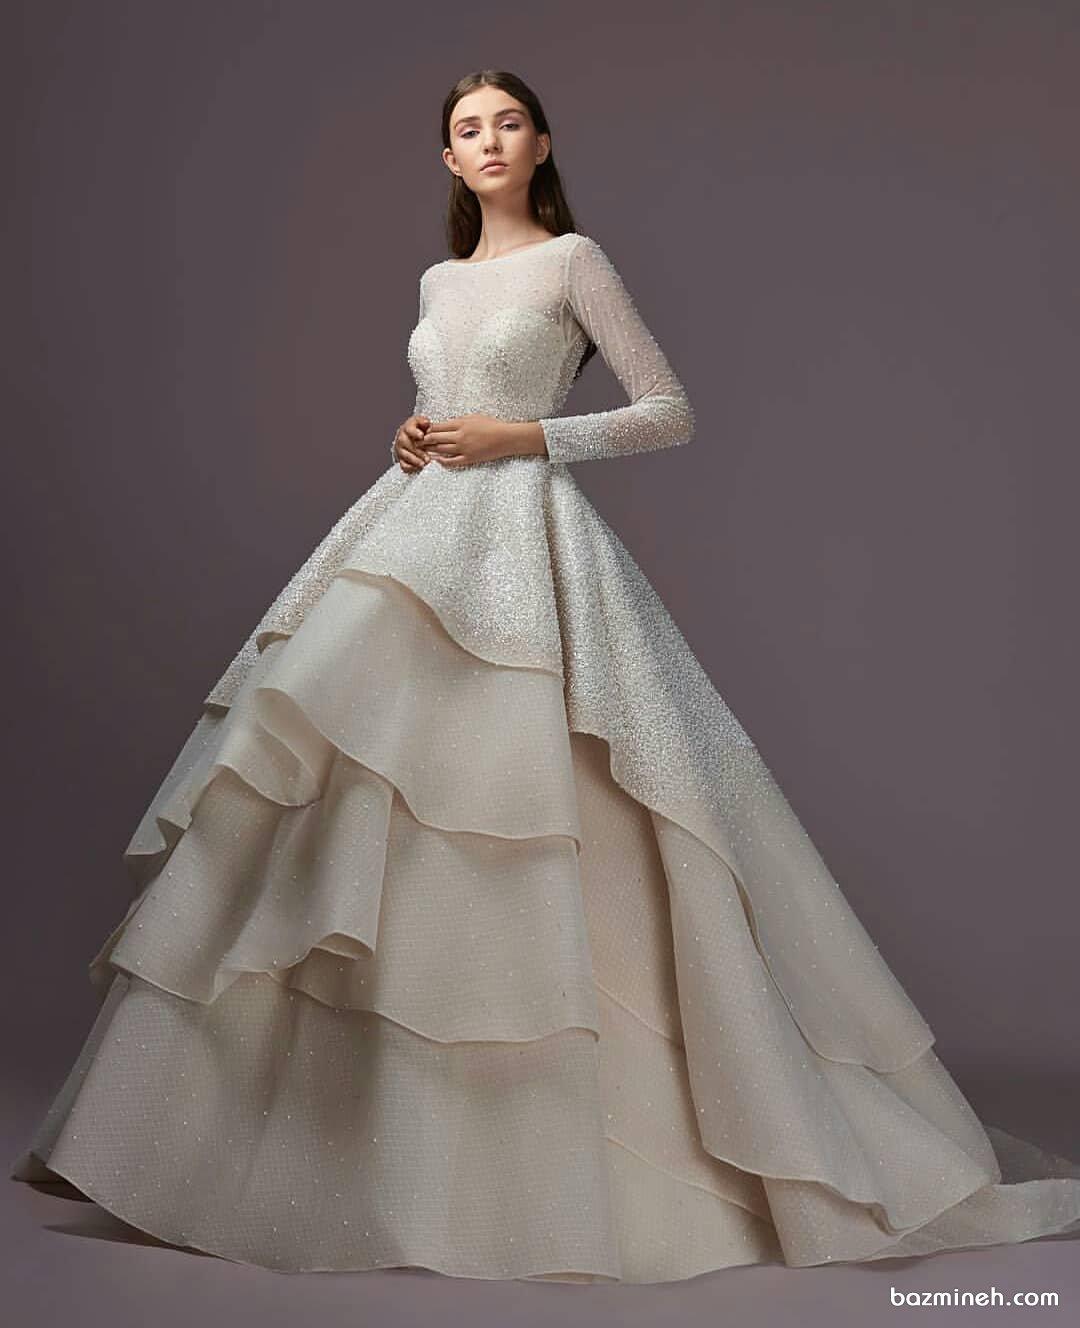 لباس نامزدی ساده و شیک پوشیده توری آستین دار مروارید دوزی شده با دامن پفی مدل طبقه ای دنباله دار